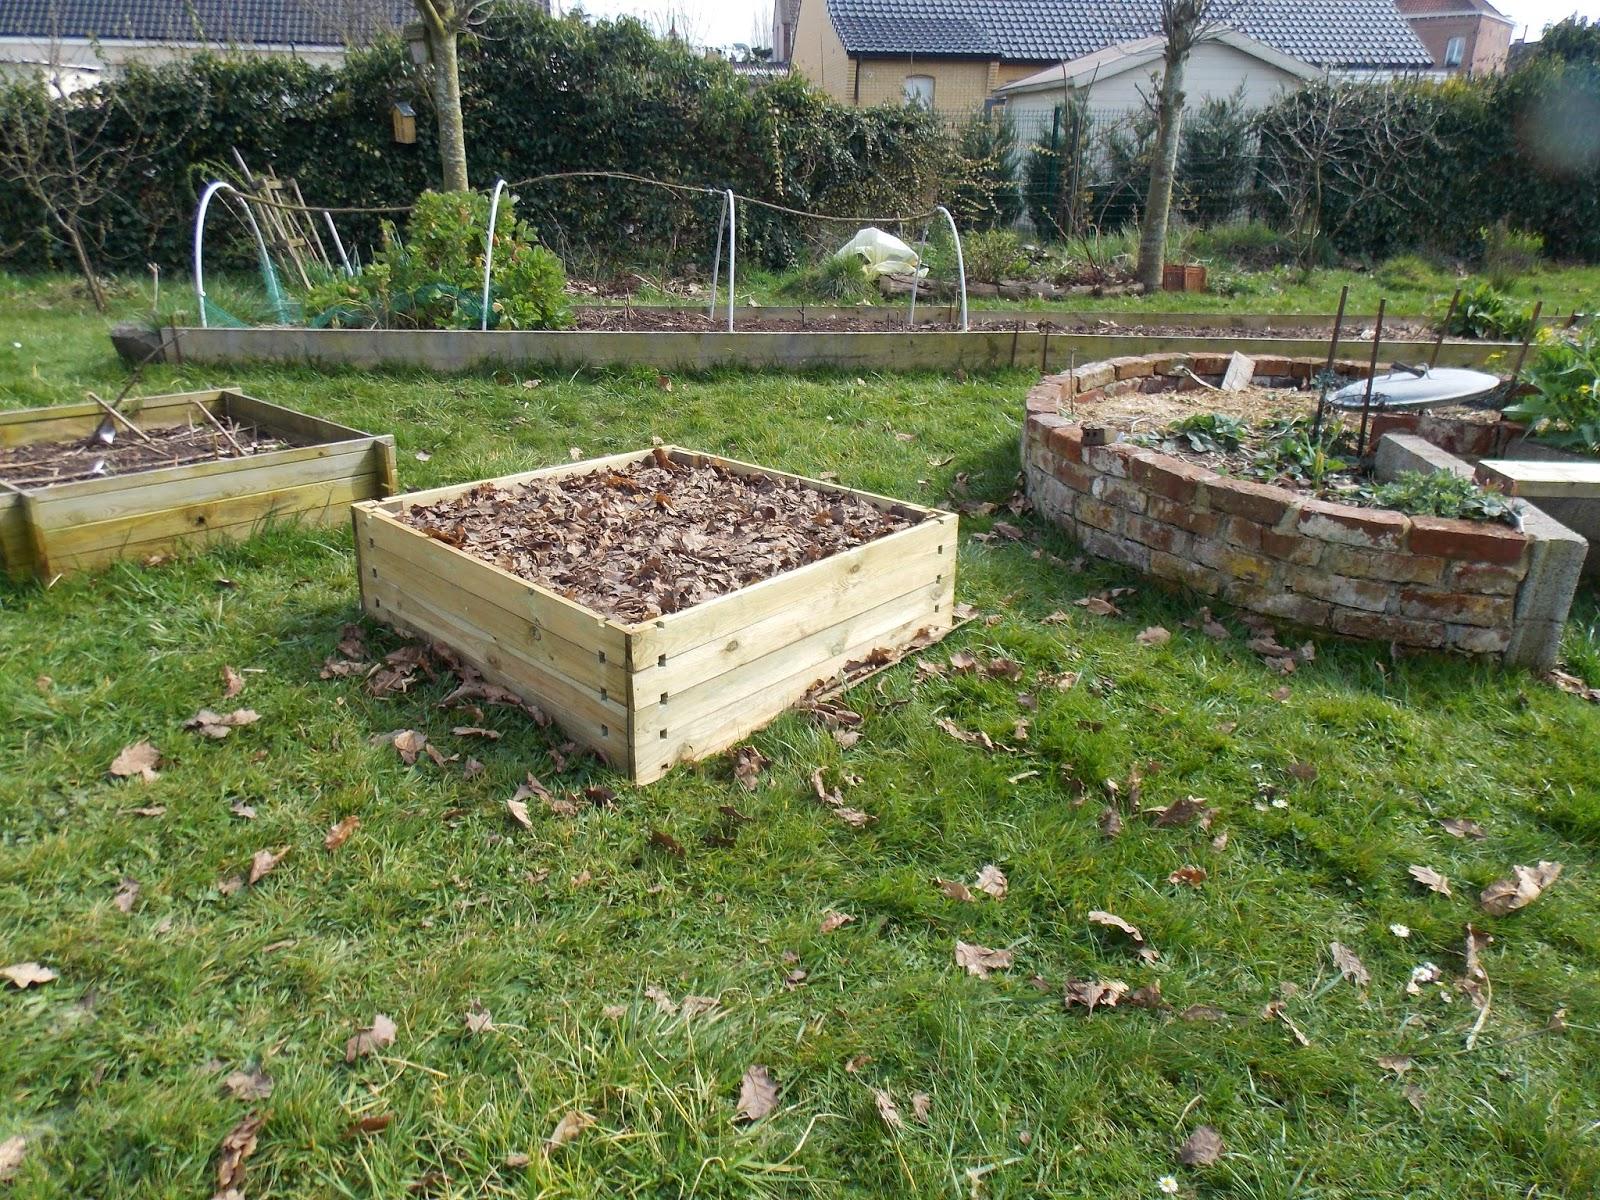 Ecolo bio nature permaculture urbaine et jardinage bio - Quand mettre du fumier de cheval dans le jardin ...